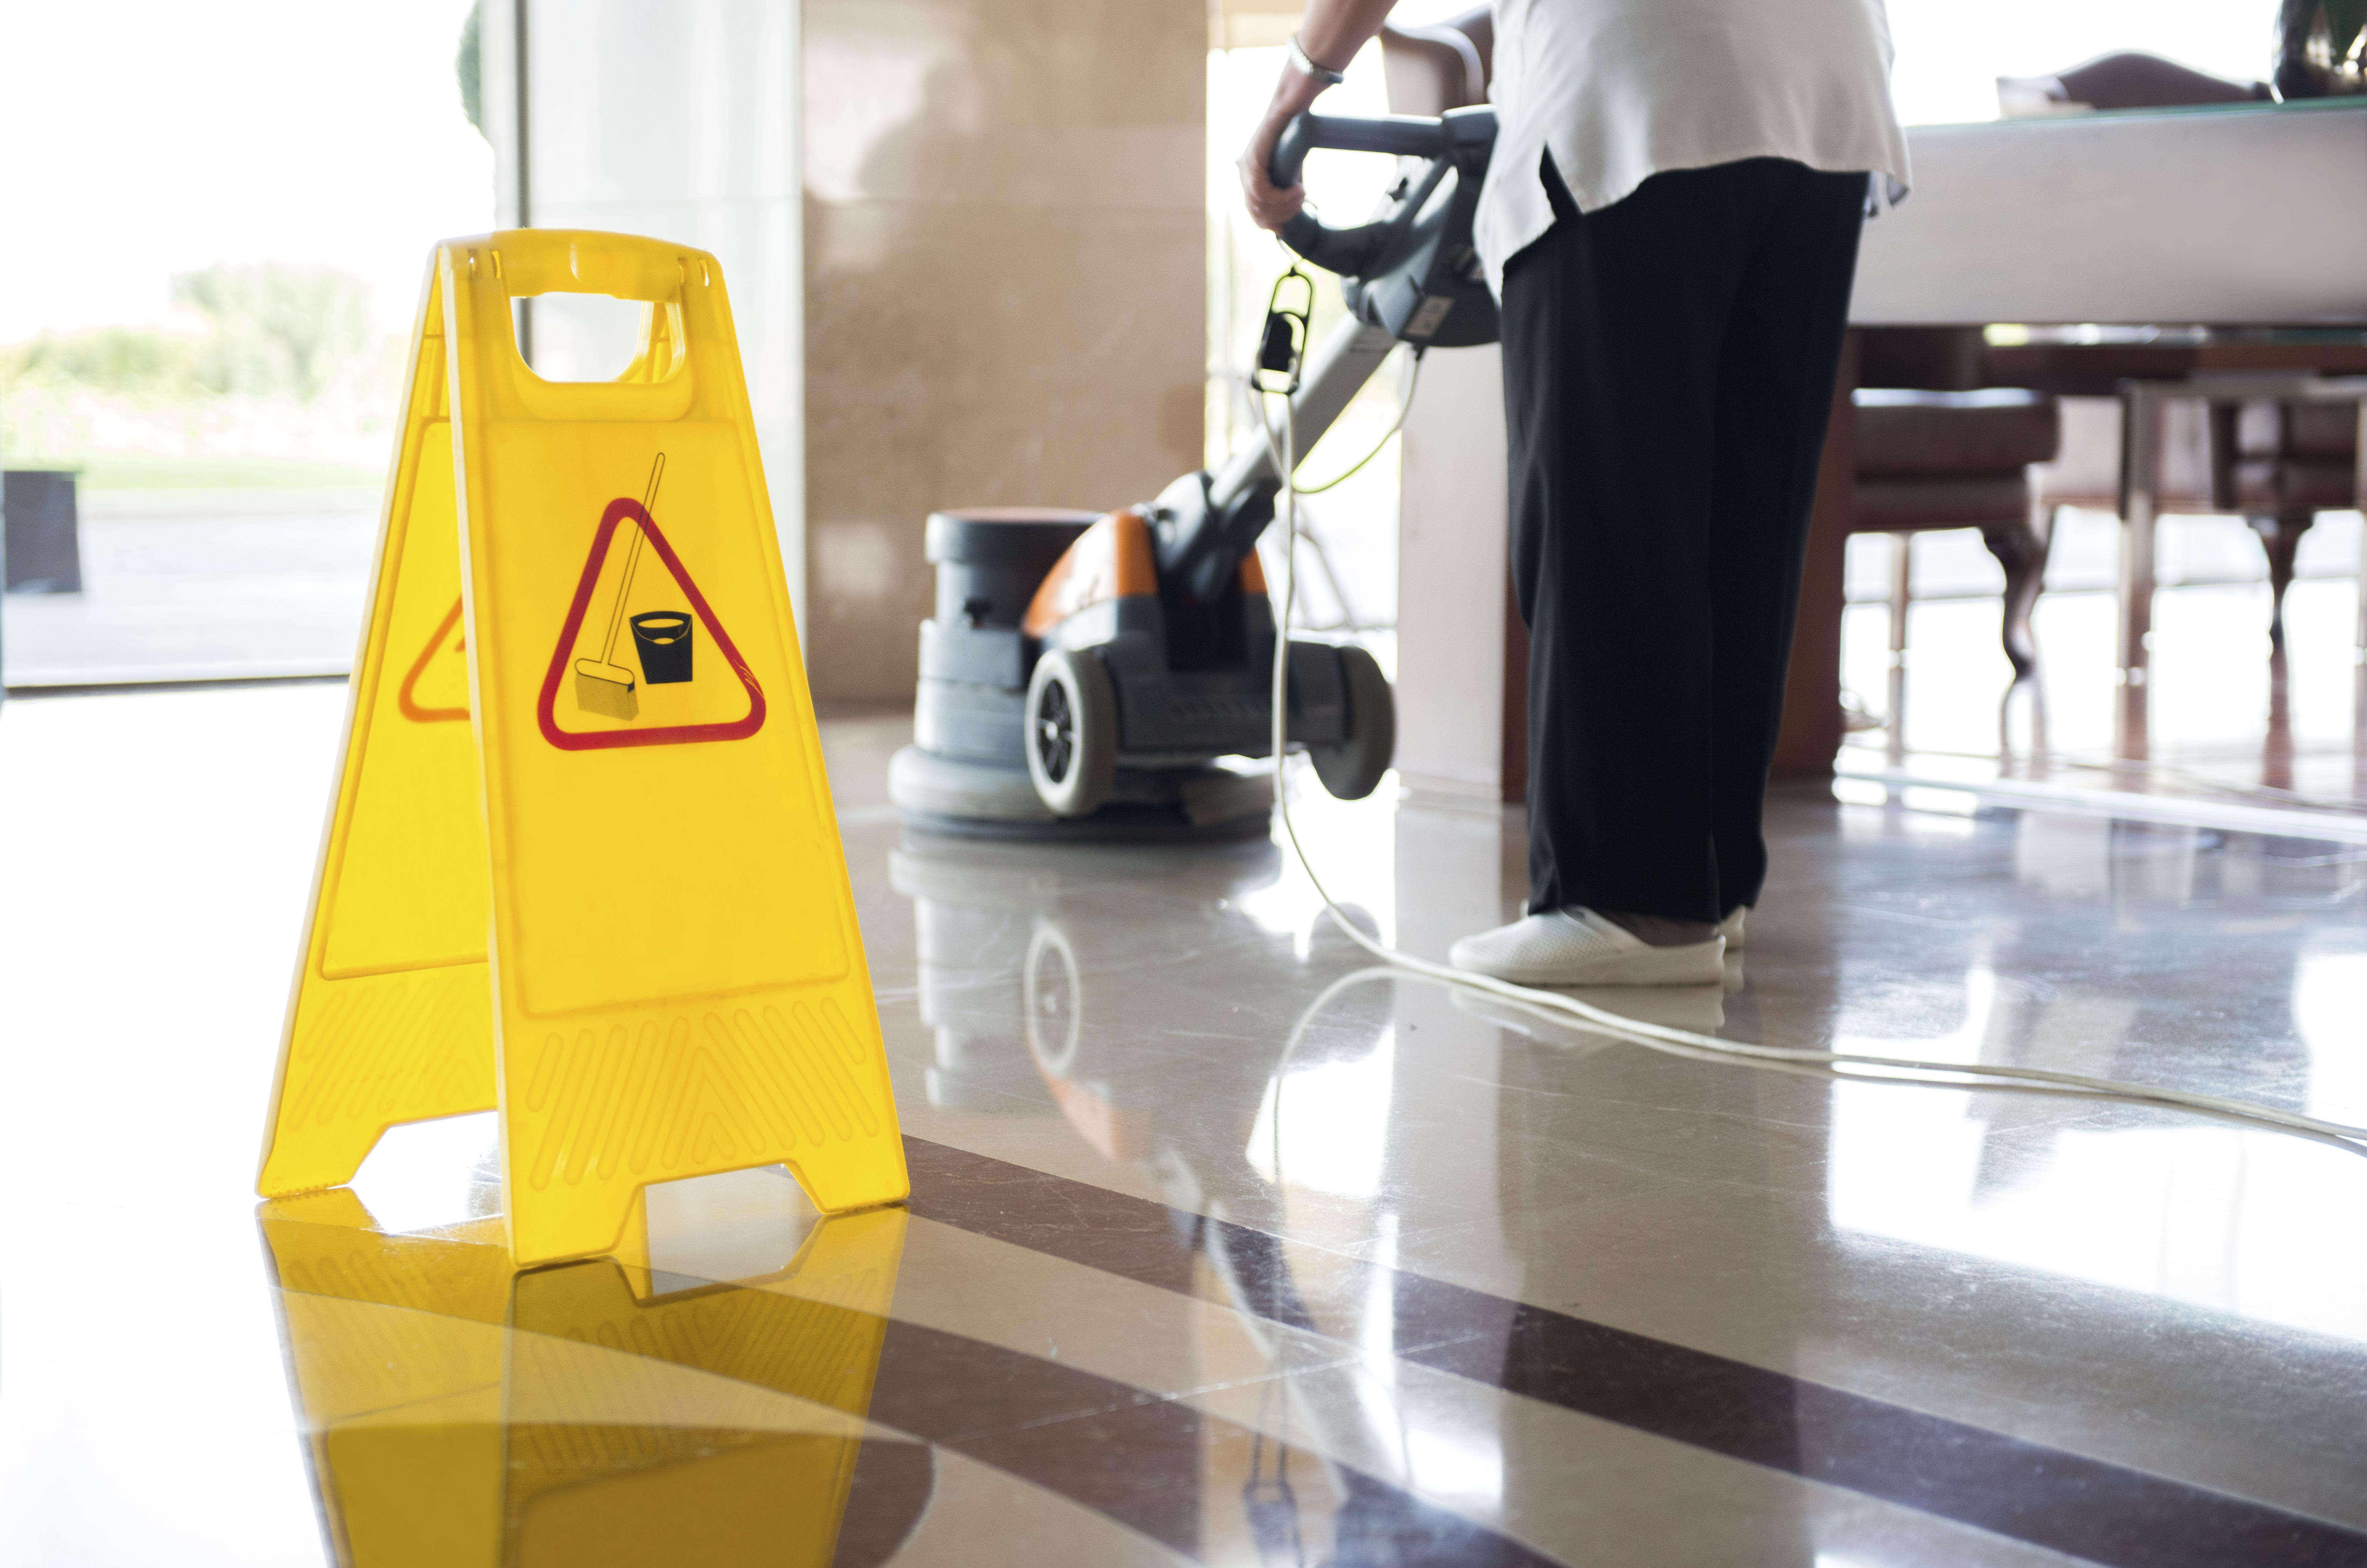 Limpieza de comunidades: SERVICIOS DE LIMPIEZA de Gracia Limpiezas Integrales